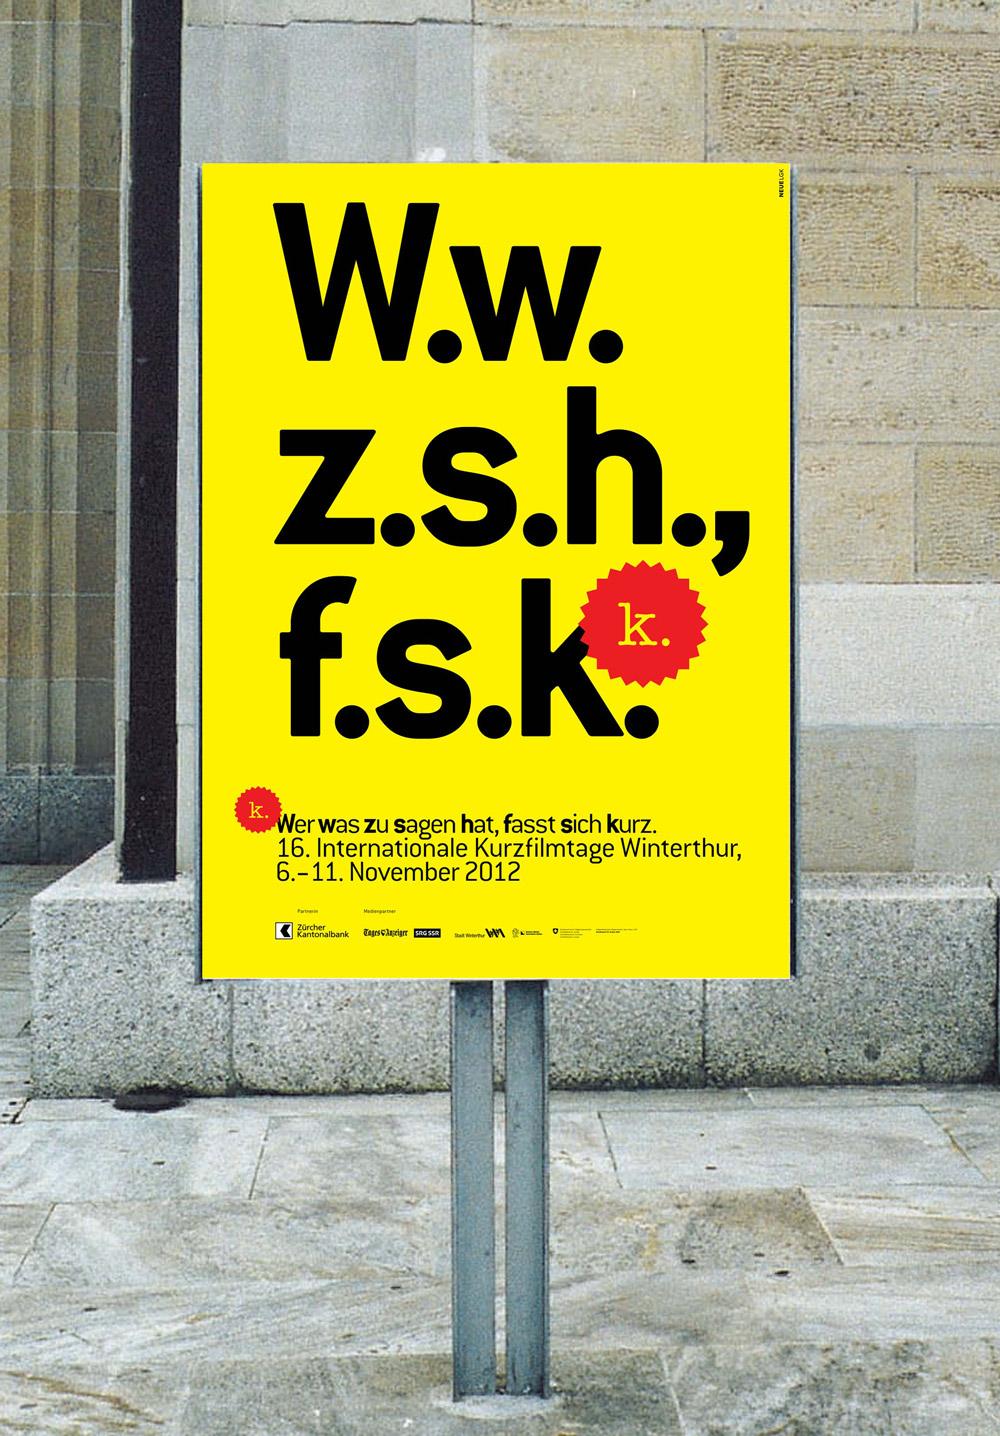 Int. Kurzfilmtage Winterthur